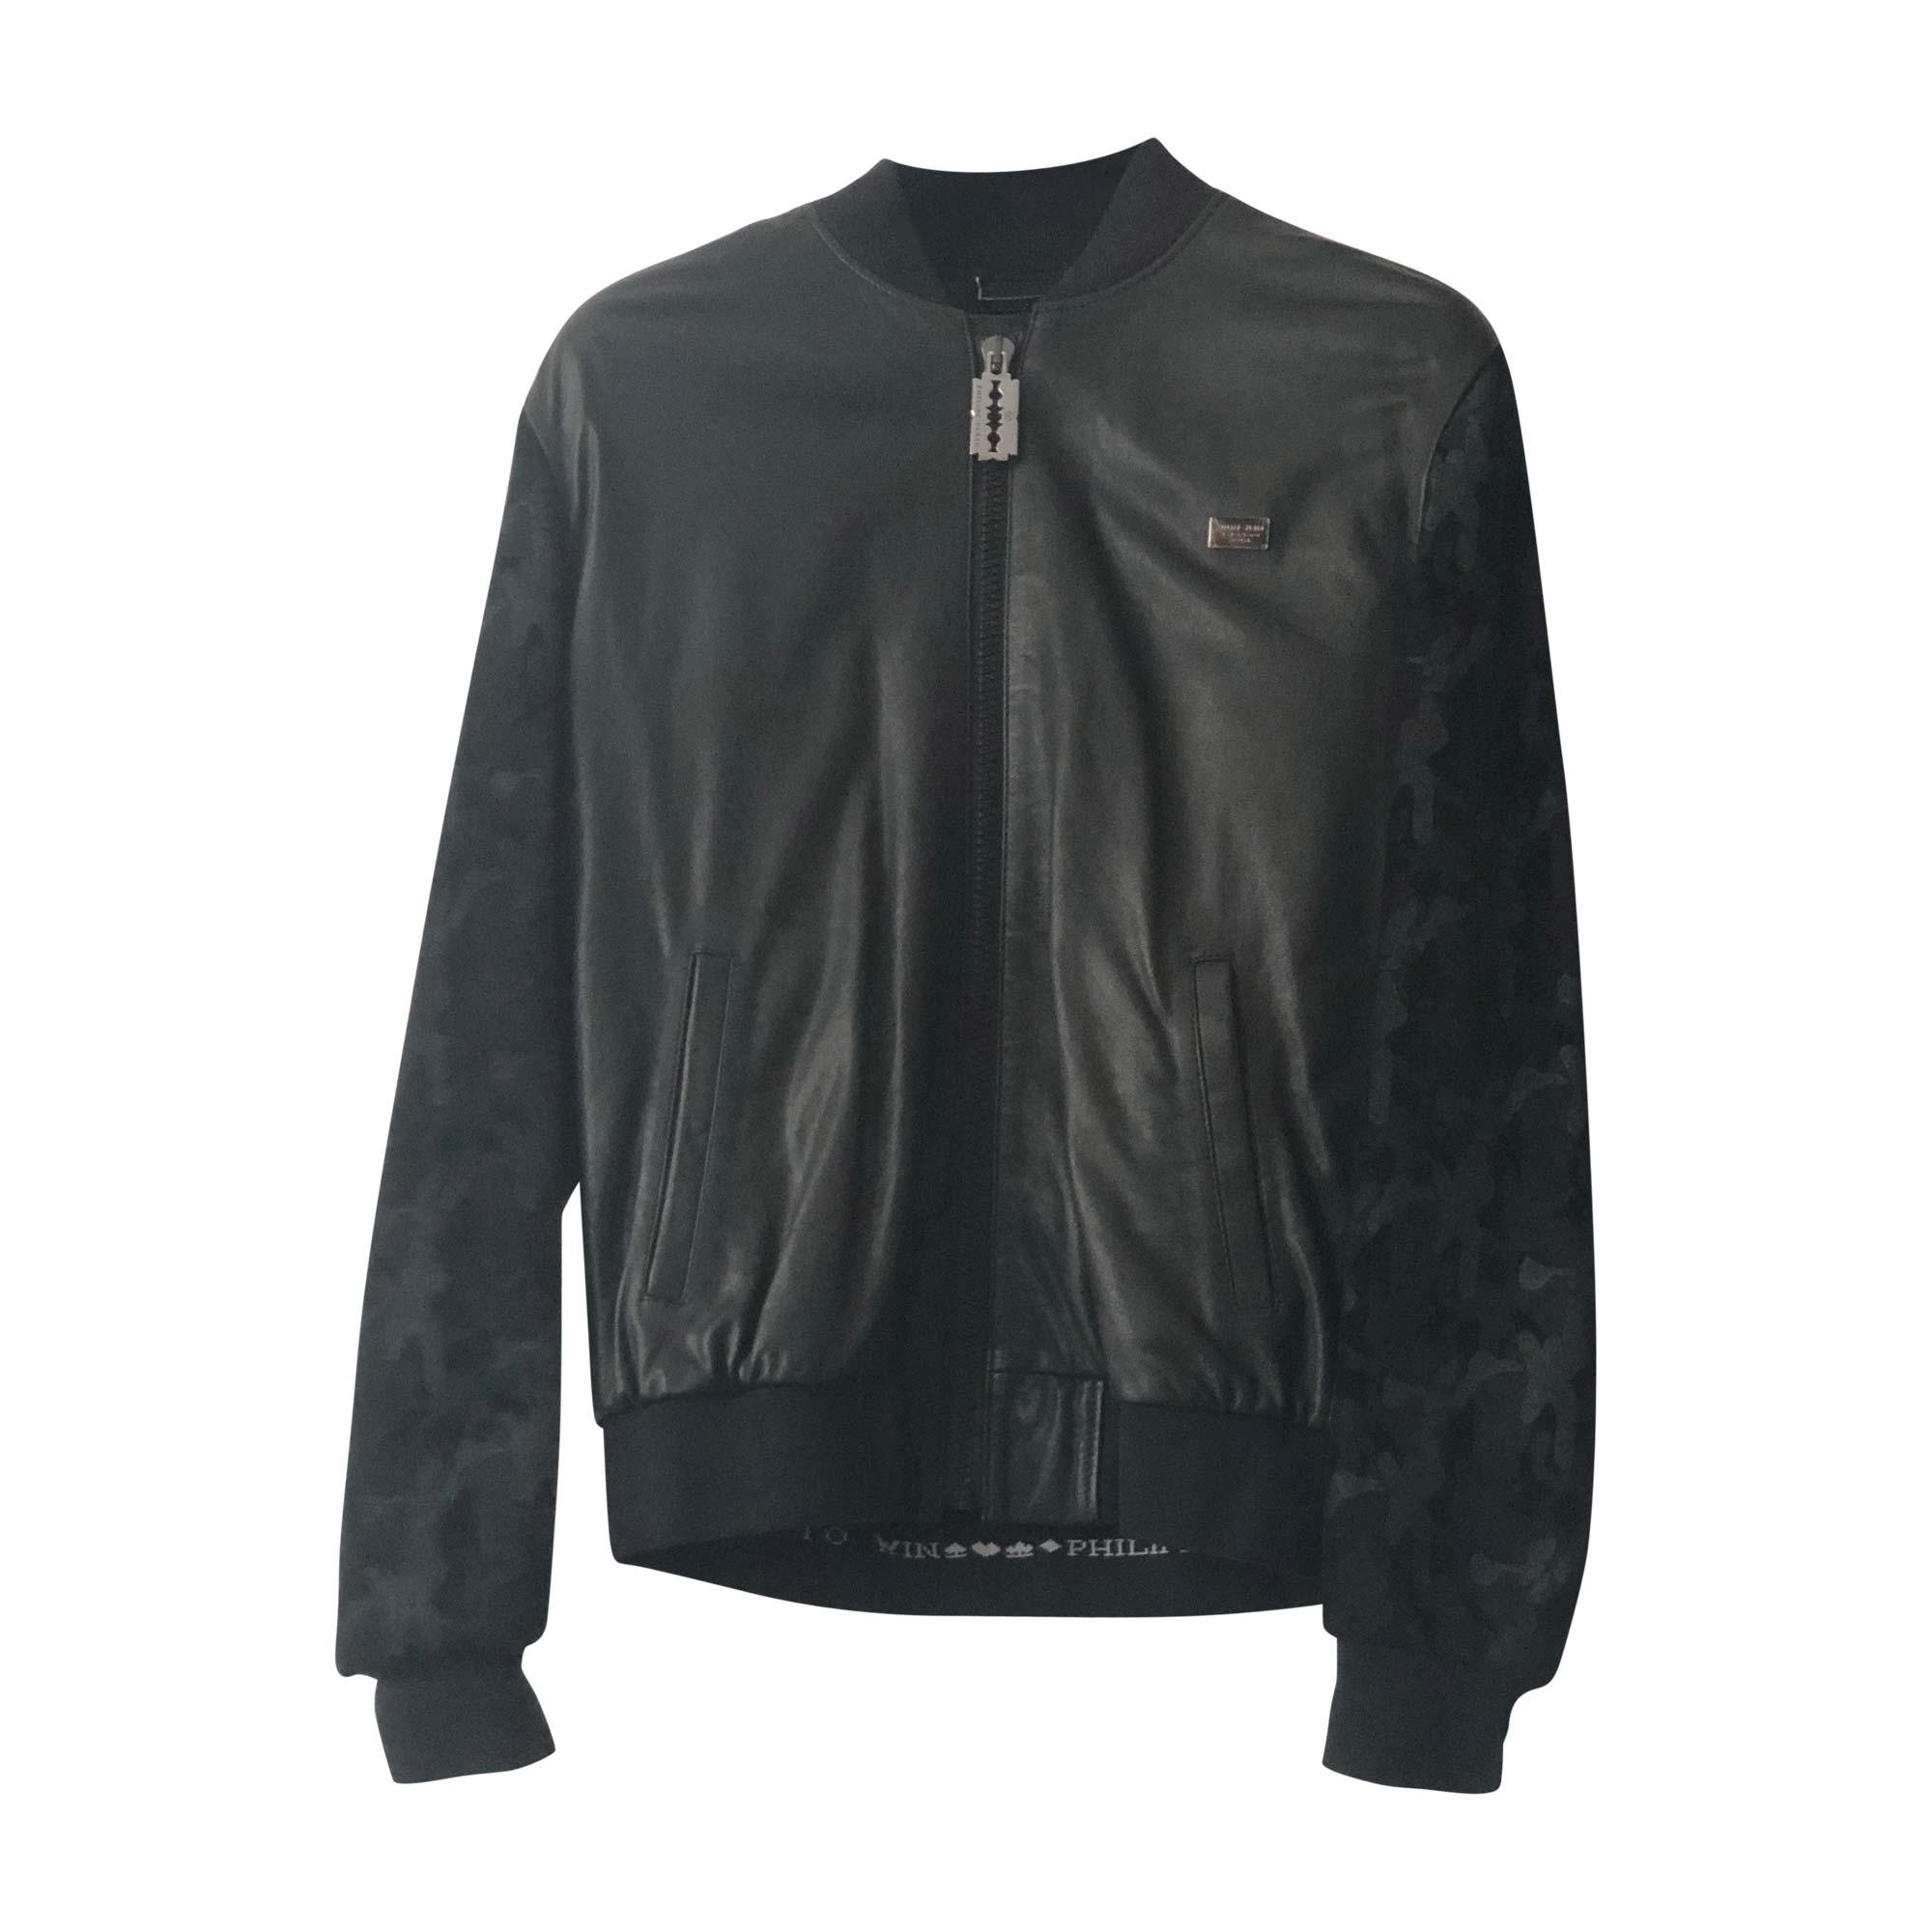 Philipp plein cuir veste homme,mode nouveau Philipp plein